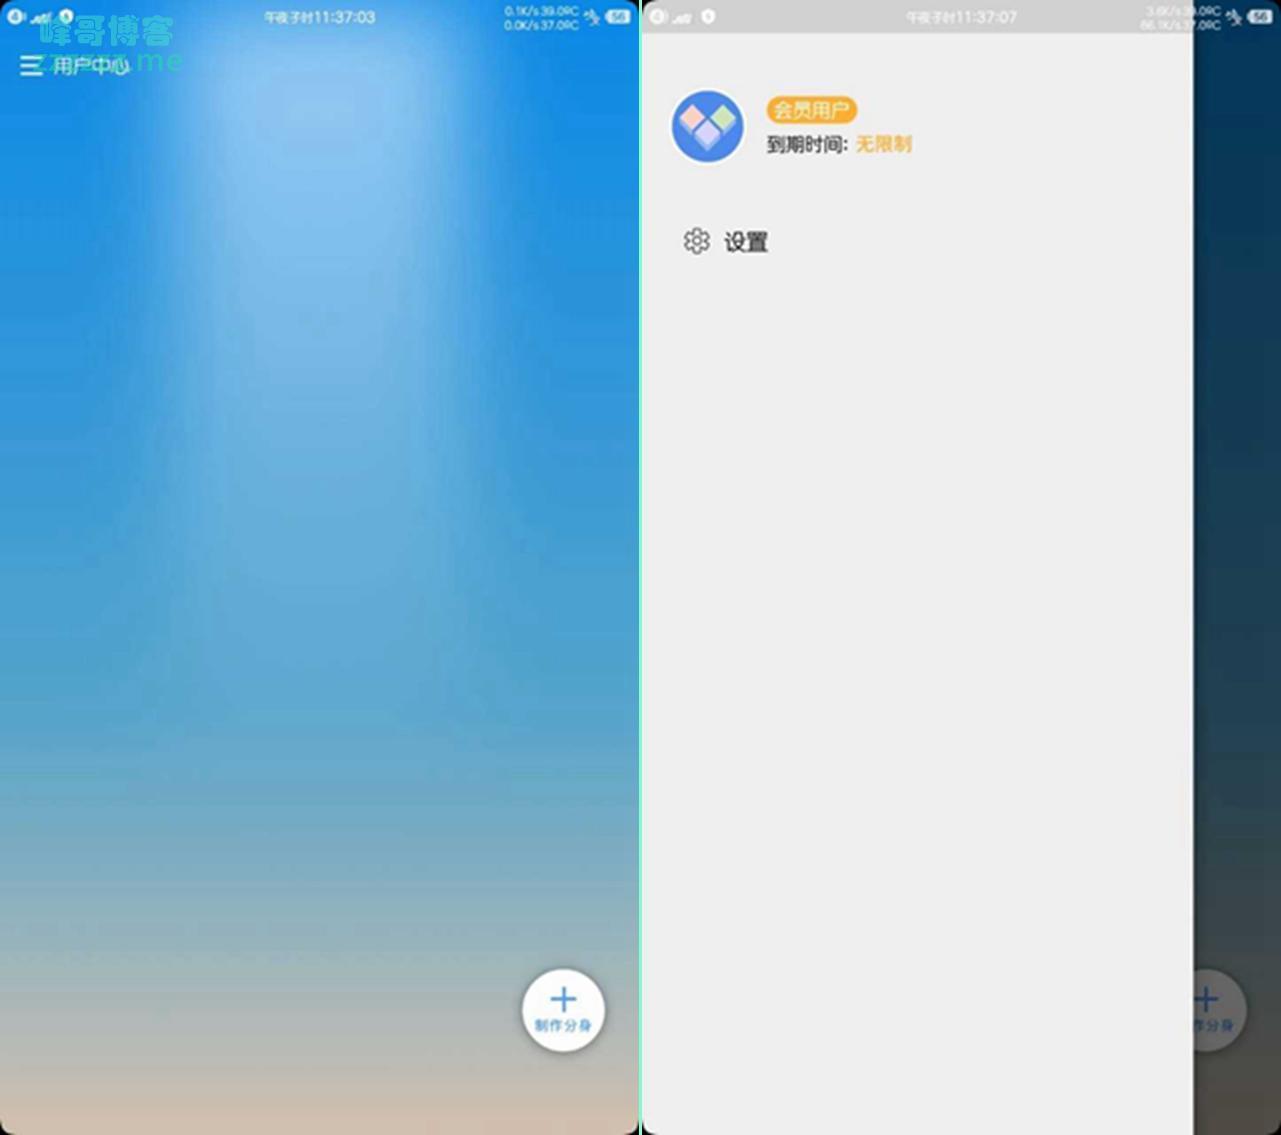 多开分身V12.5 最新VIP永久破解版下载 支持安卓10